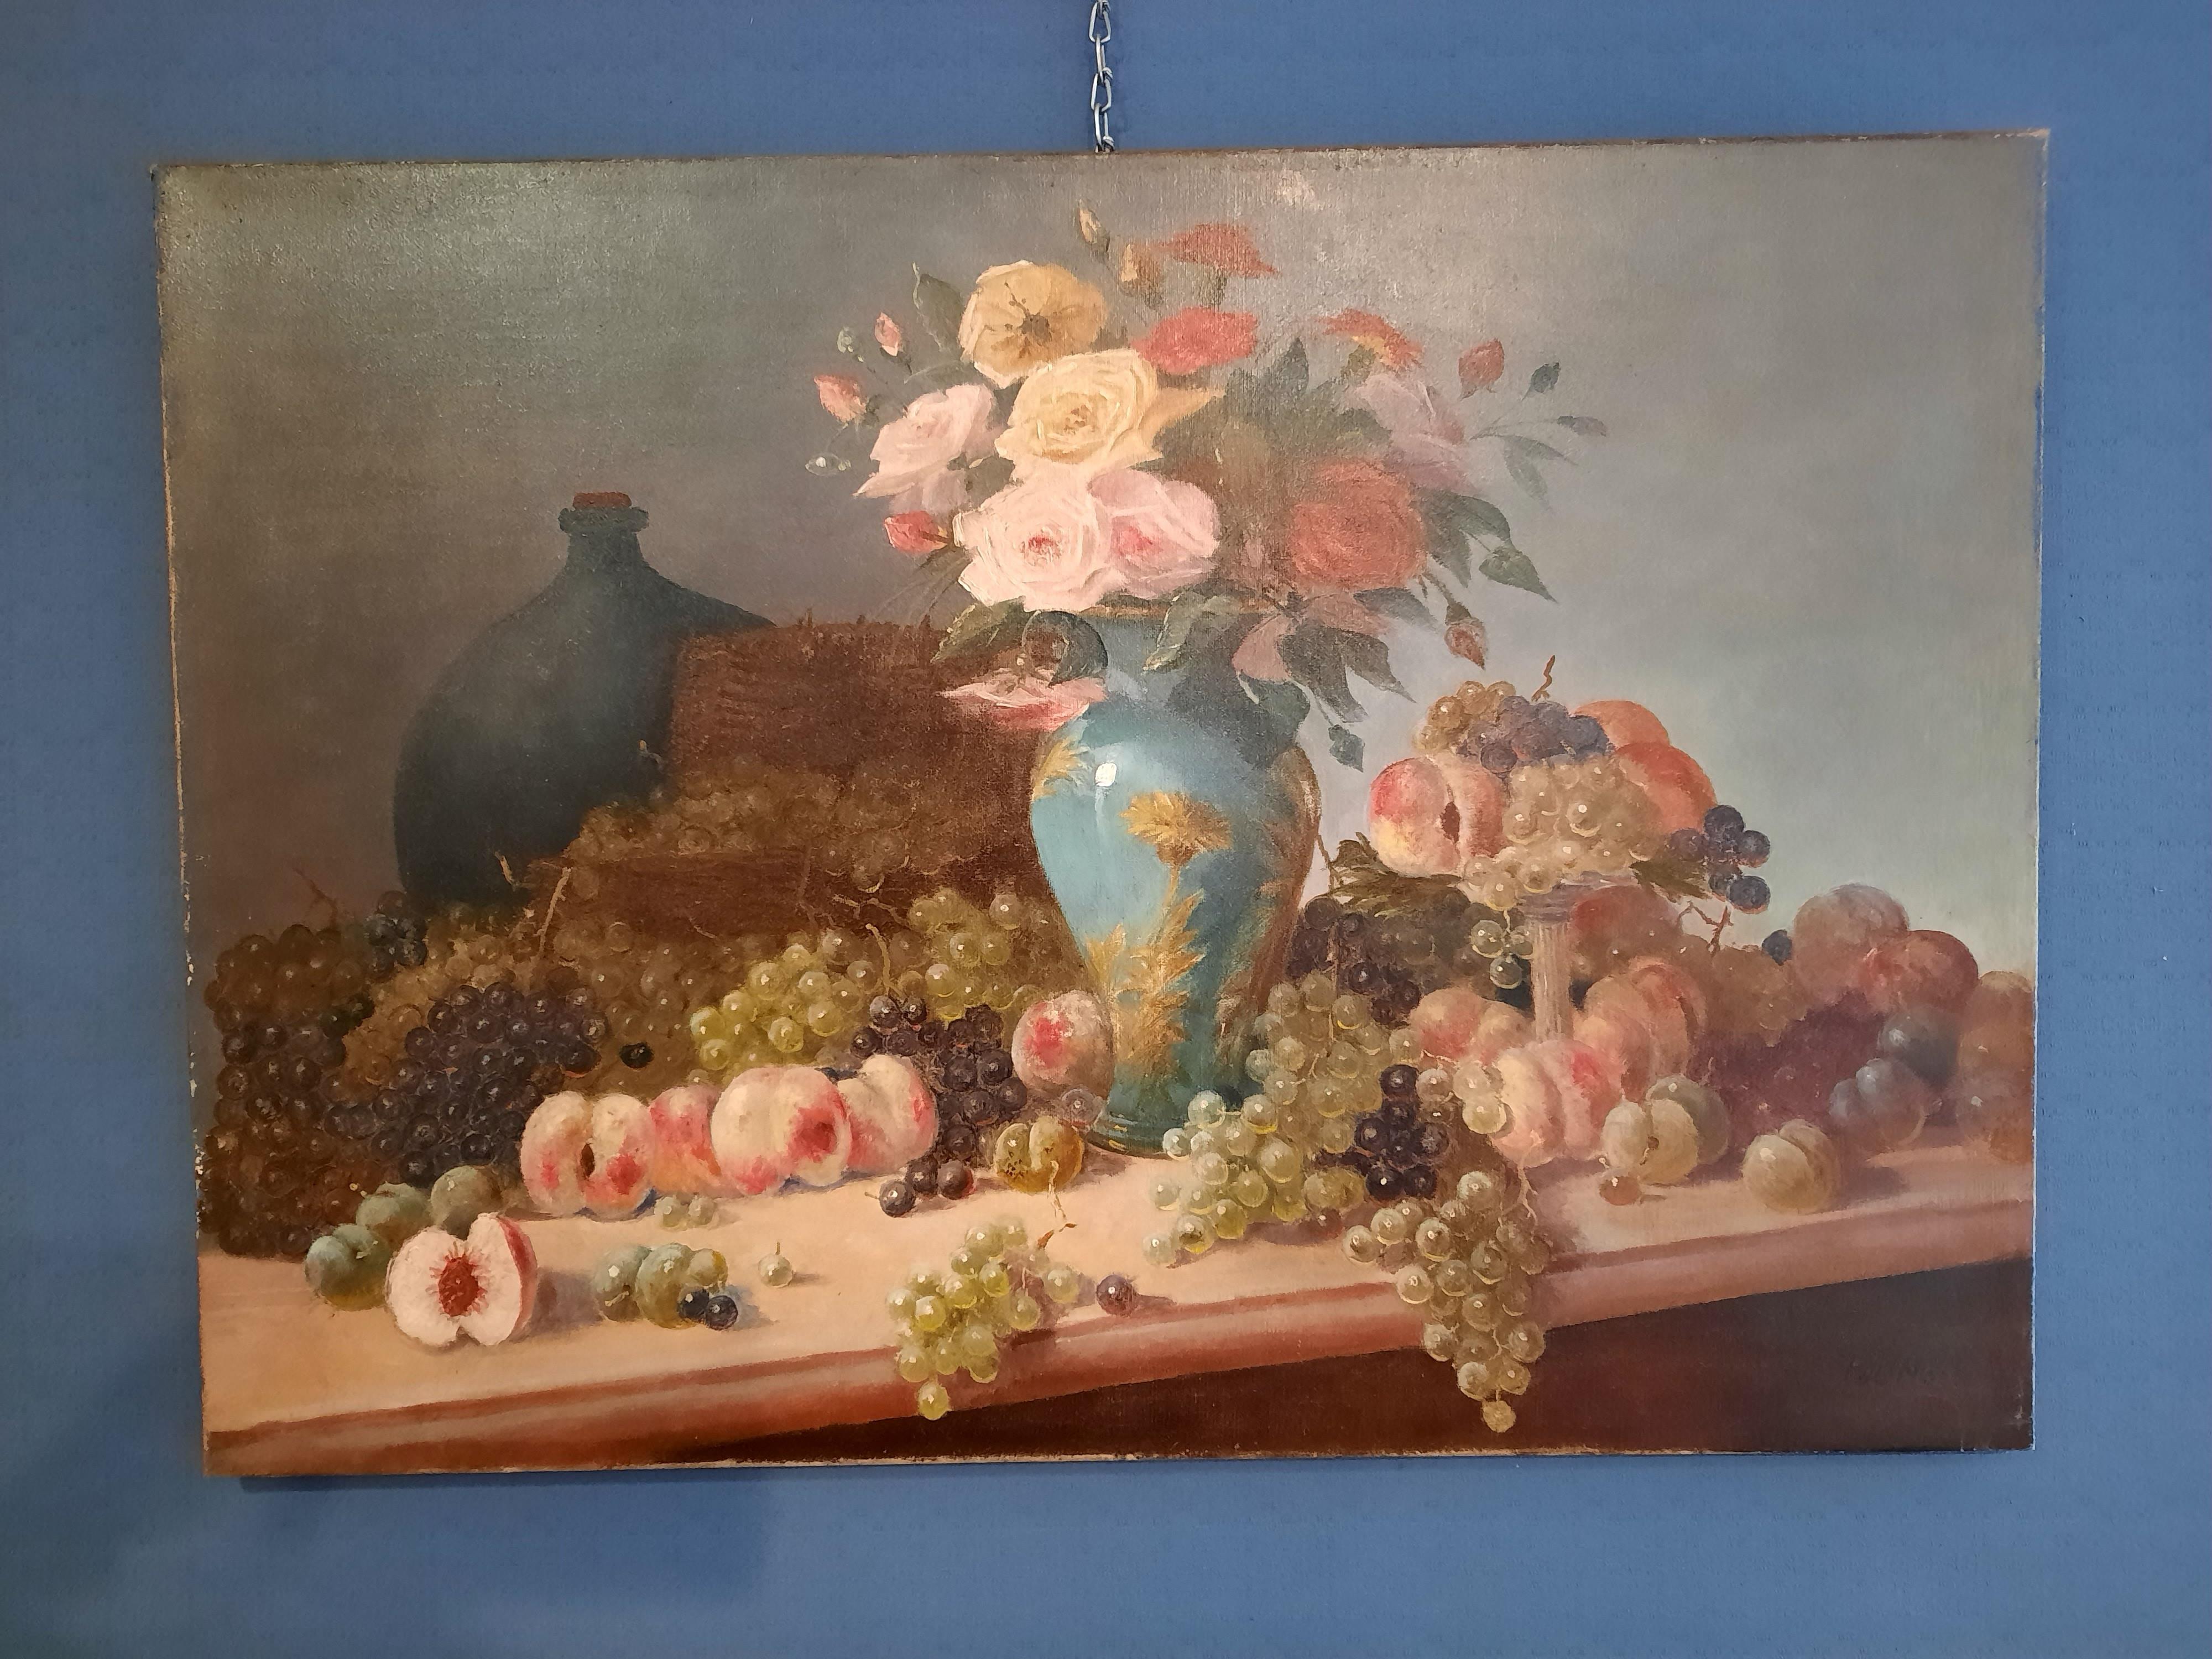 Tableau huile sur toile représentant une nature morte.